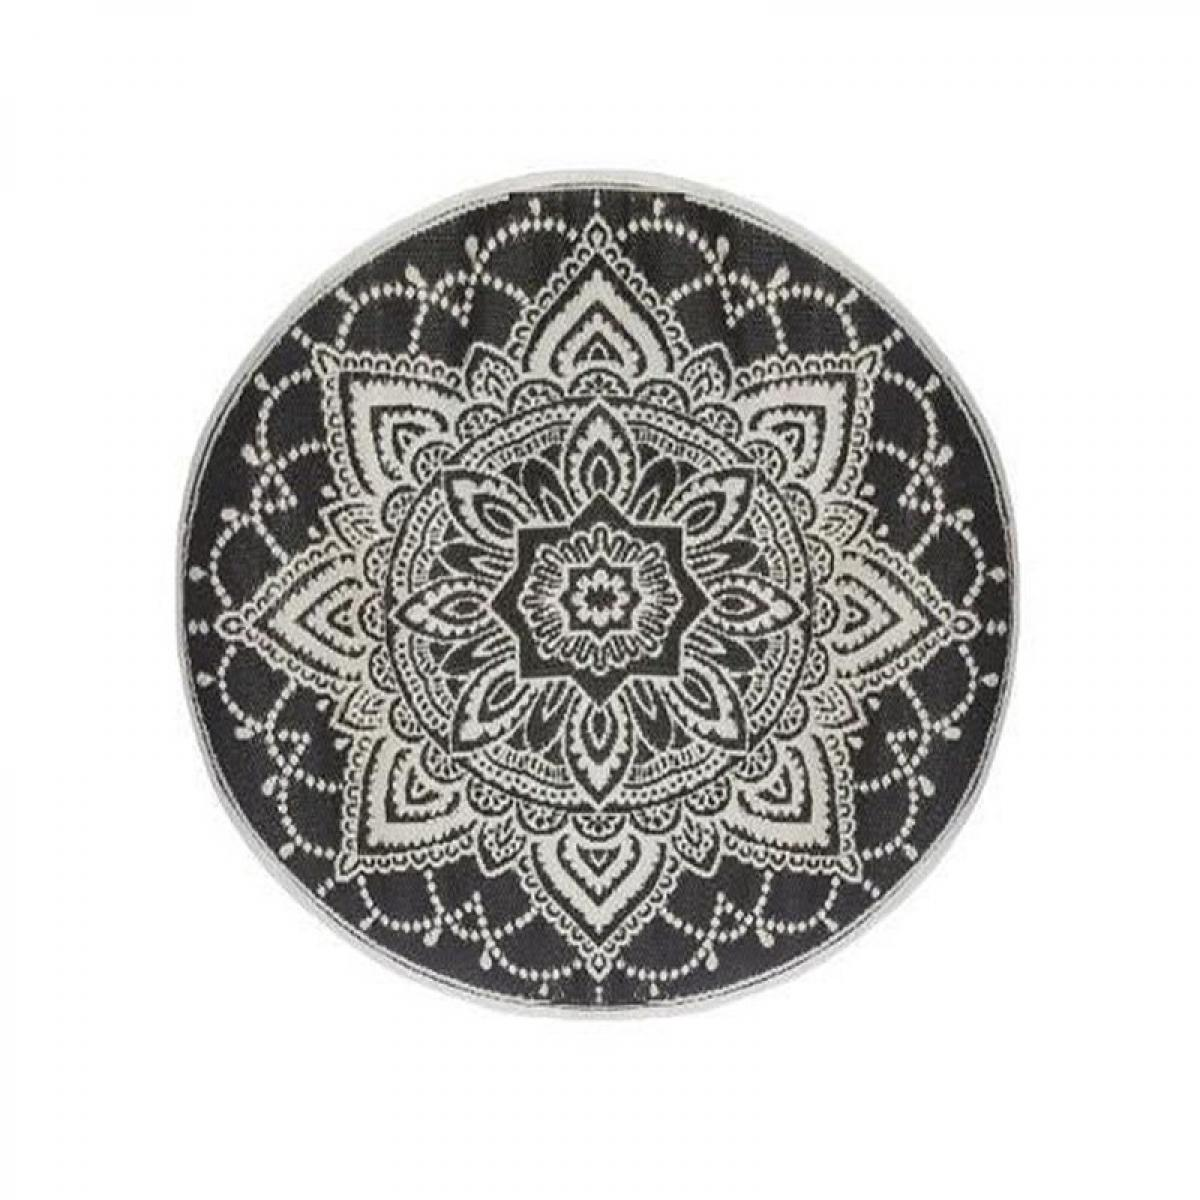 Atmosphera, Createur D'Interie Tapis rond extérieur 150 cm Mandala anthracite